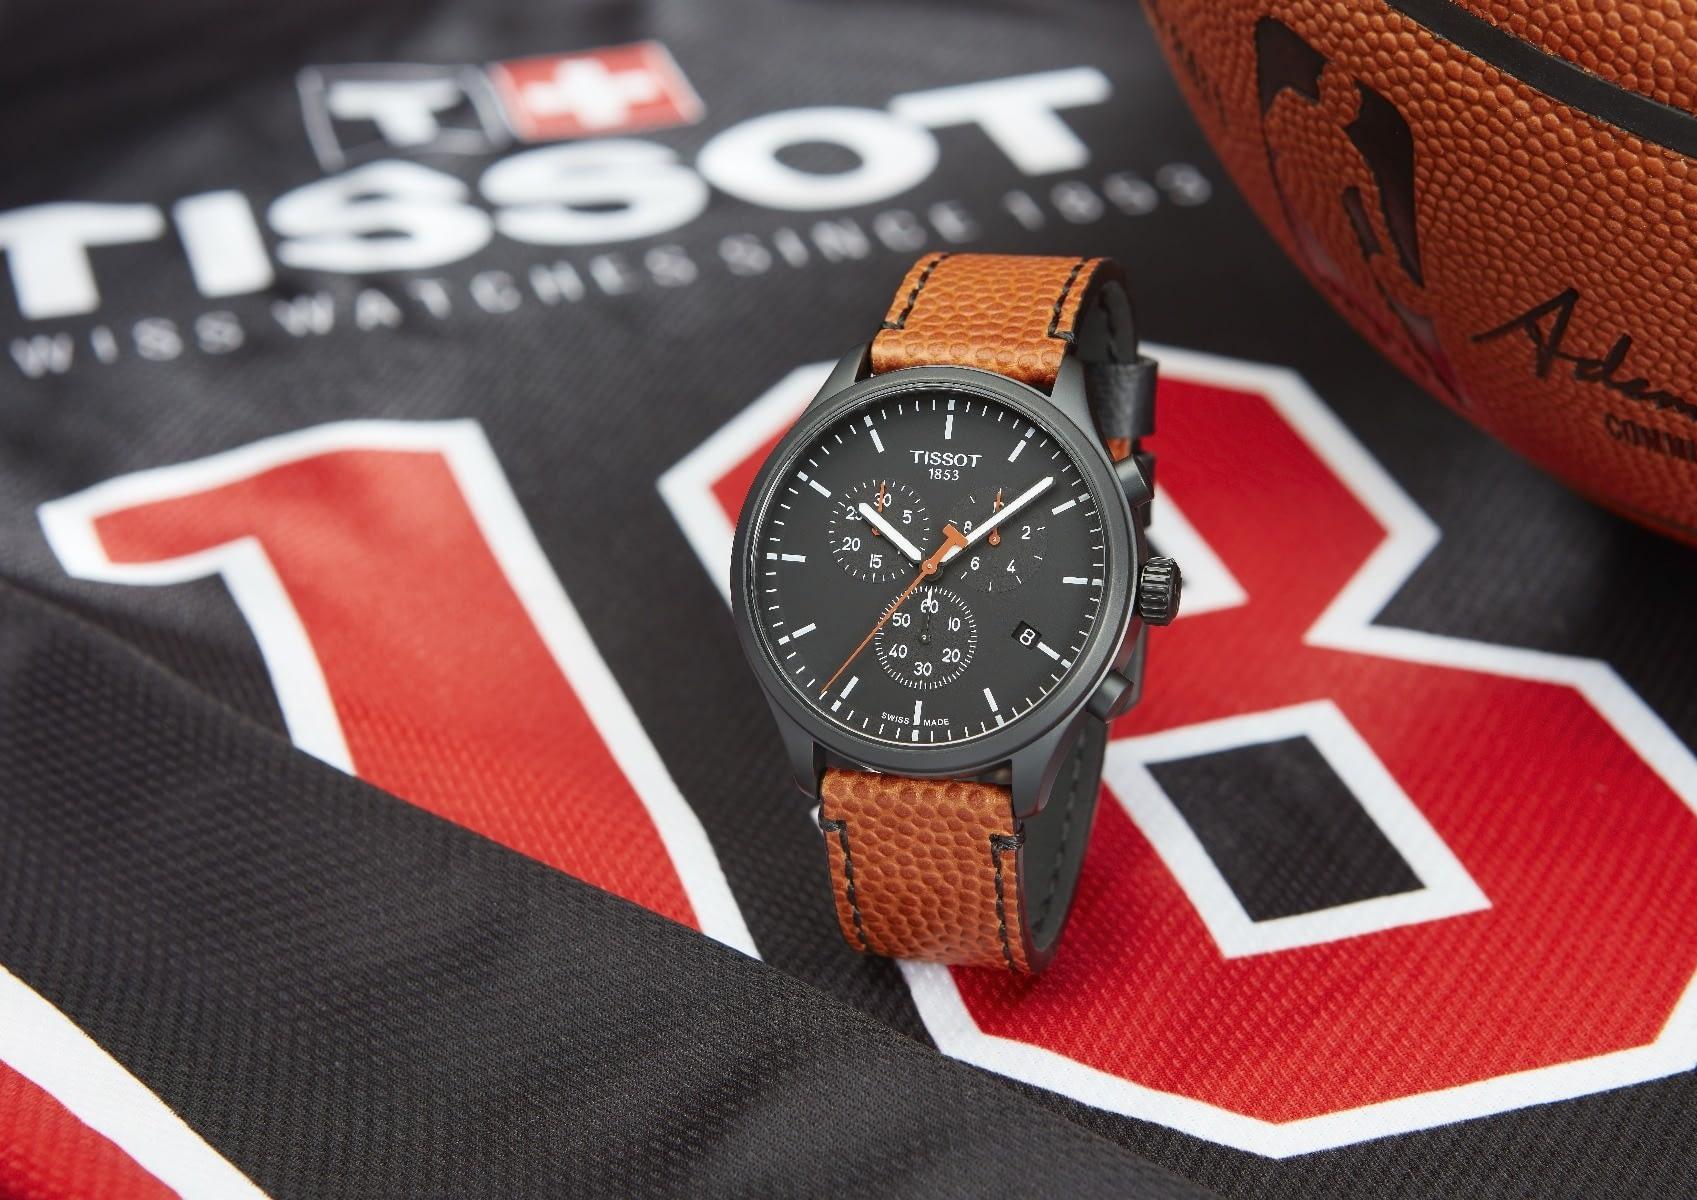 đồng hồ Tissot Chrono XL NBA Collector